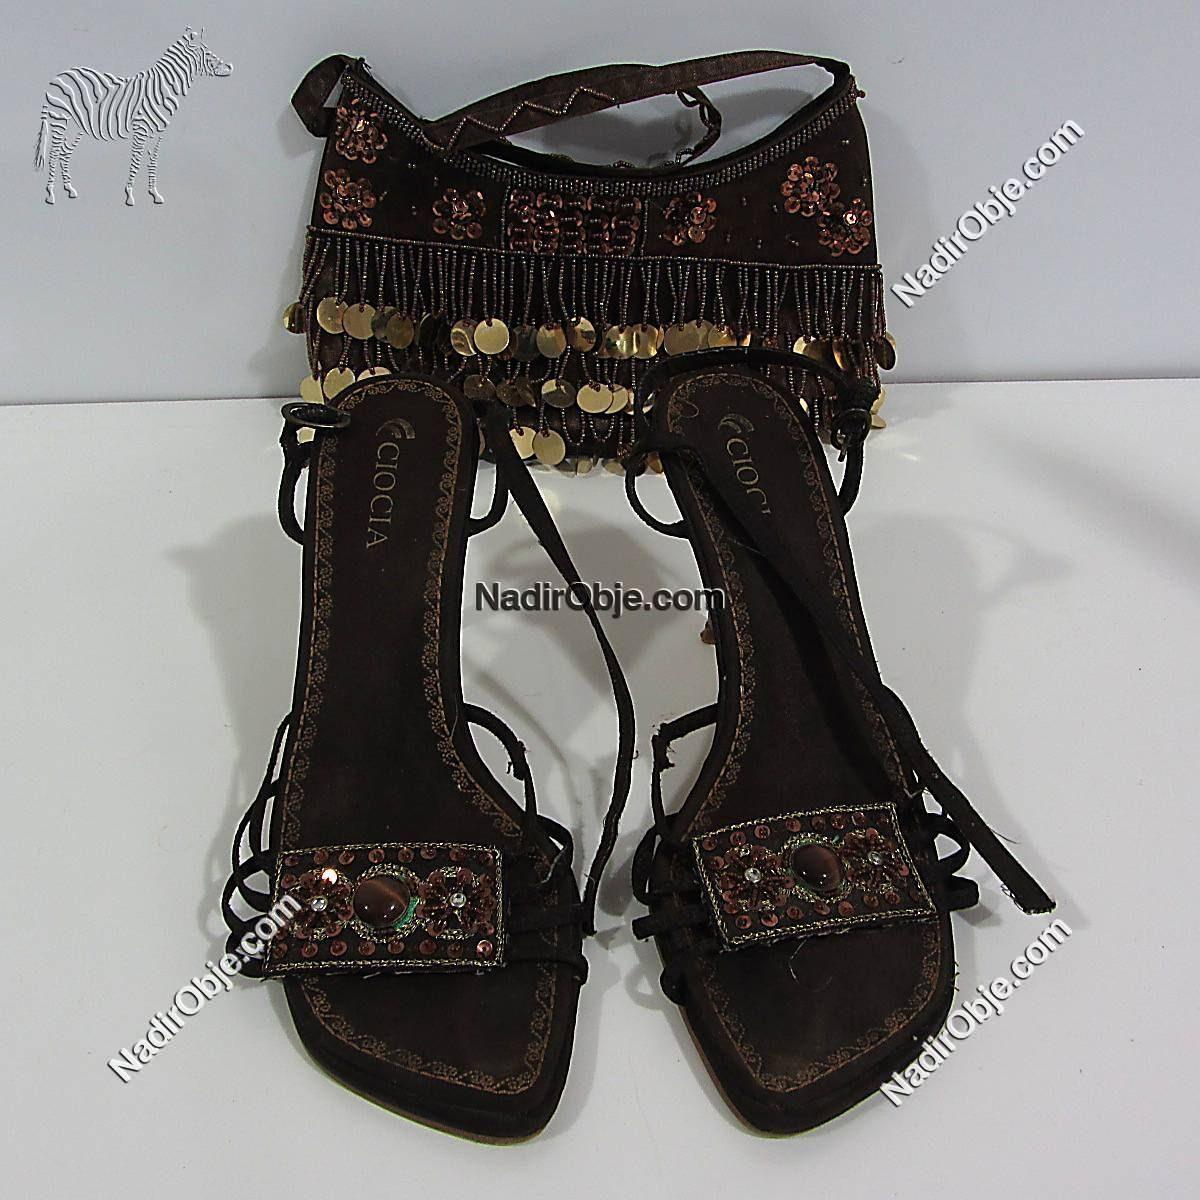 Ciocia terlik ve çanta Deri-Kumaş-Tekstil Çanta